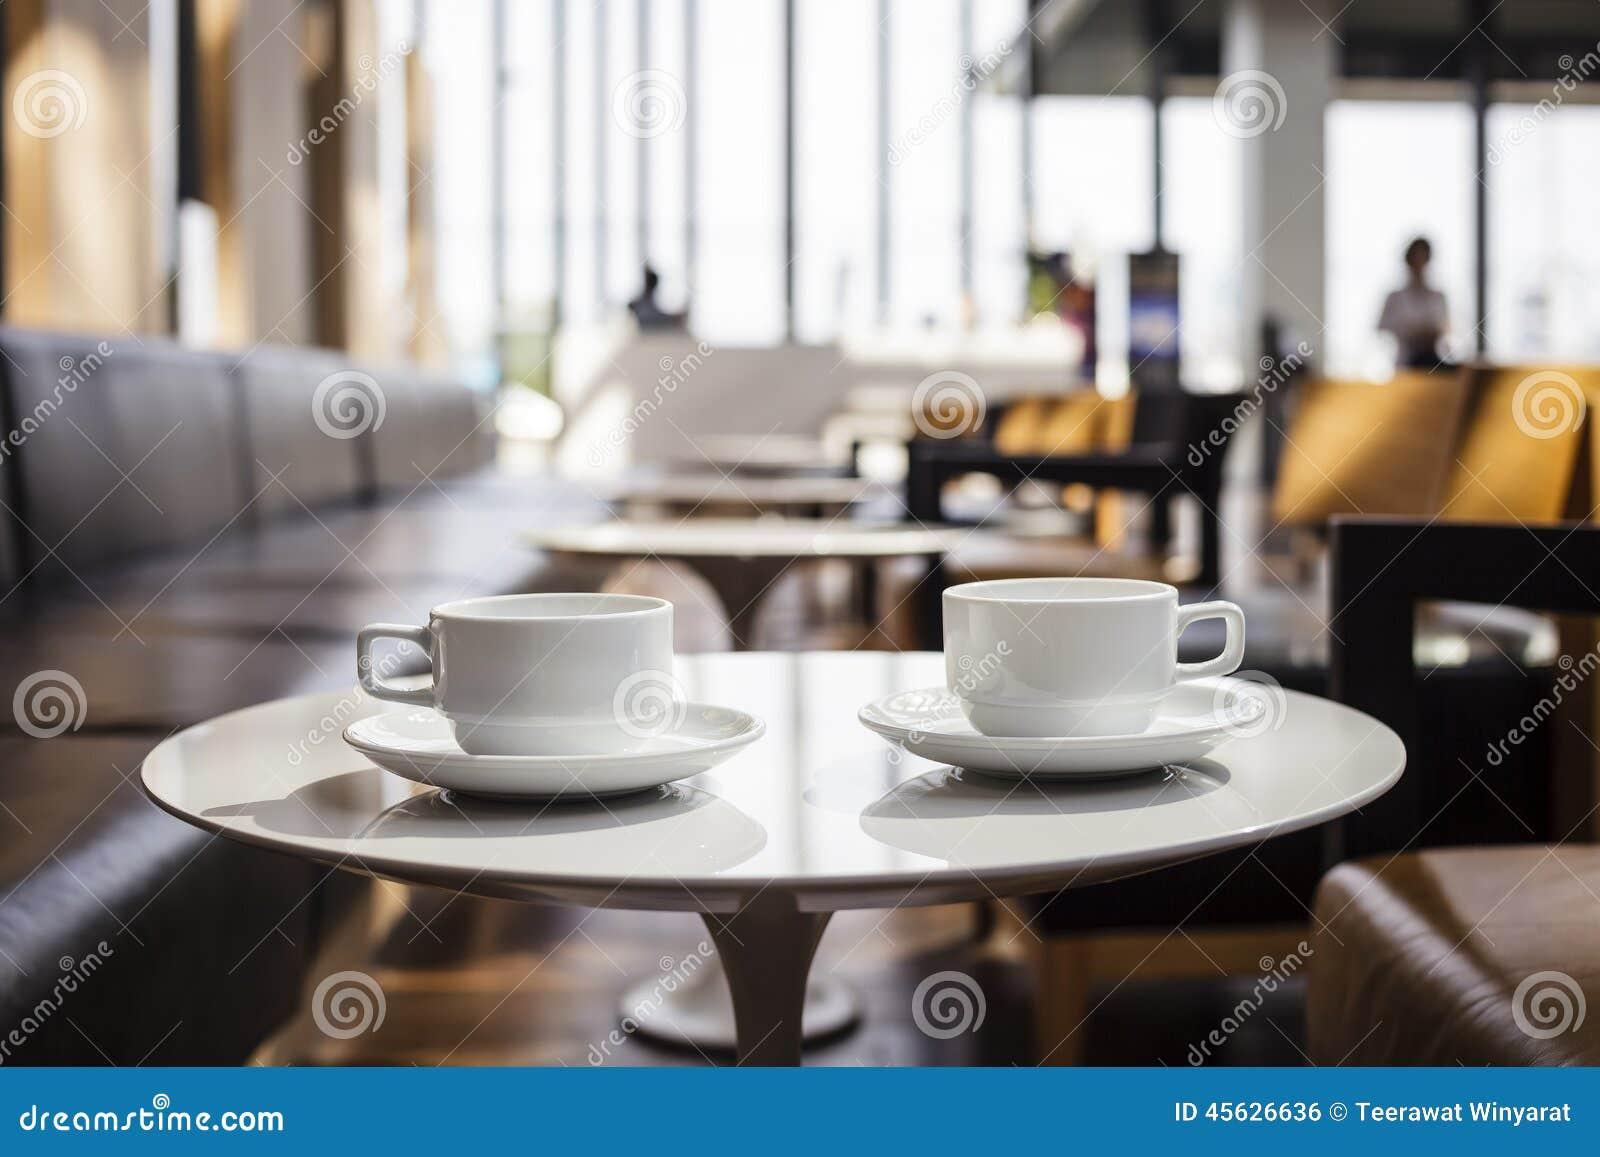 Cafés no interior do café da cafetaria